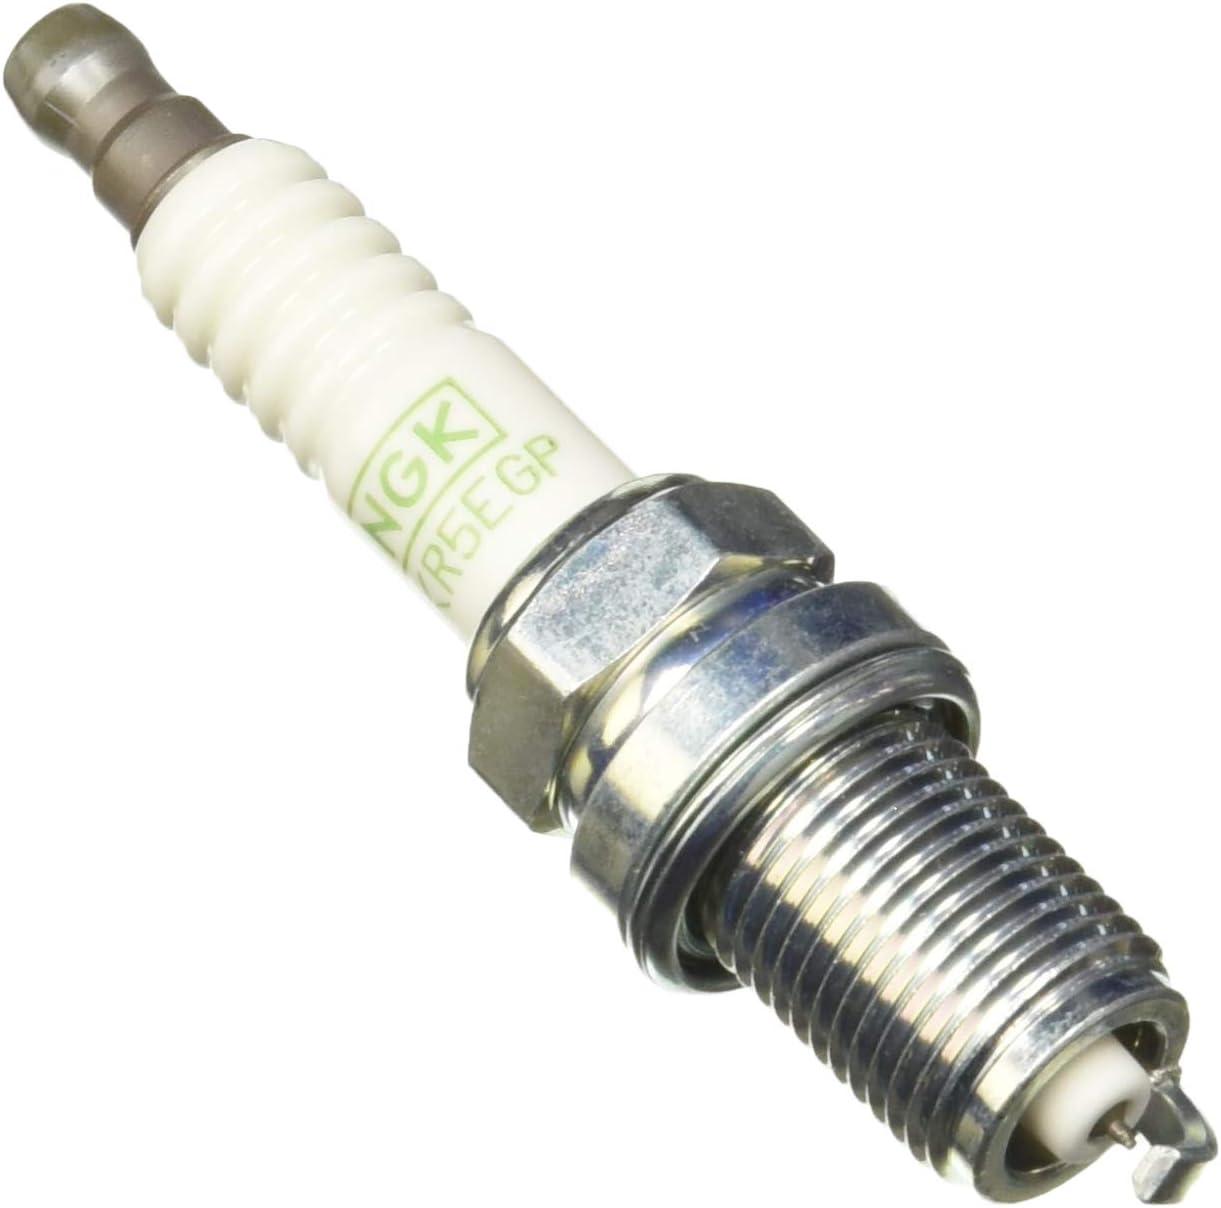 NGK 7090 Bkr5Egp G-Power Spark Plug, 4 Pack